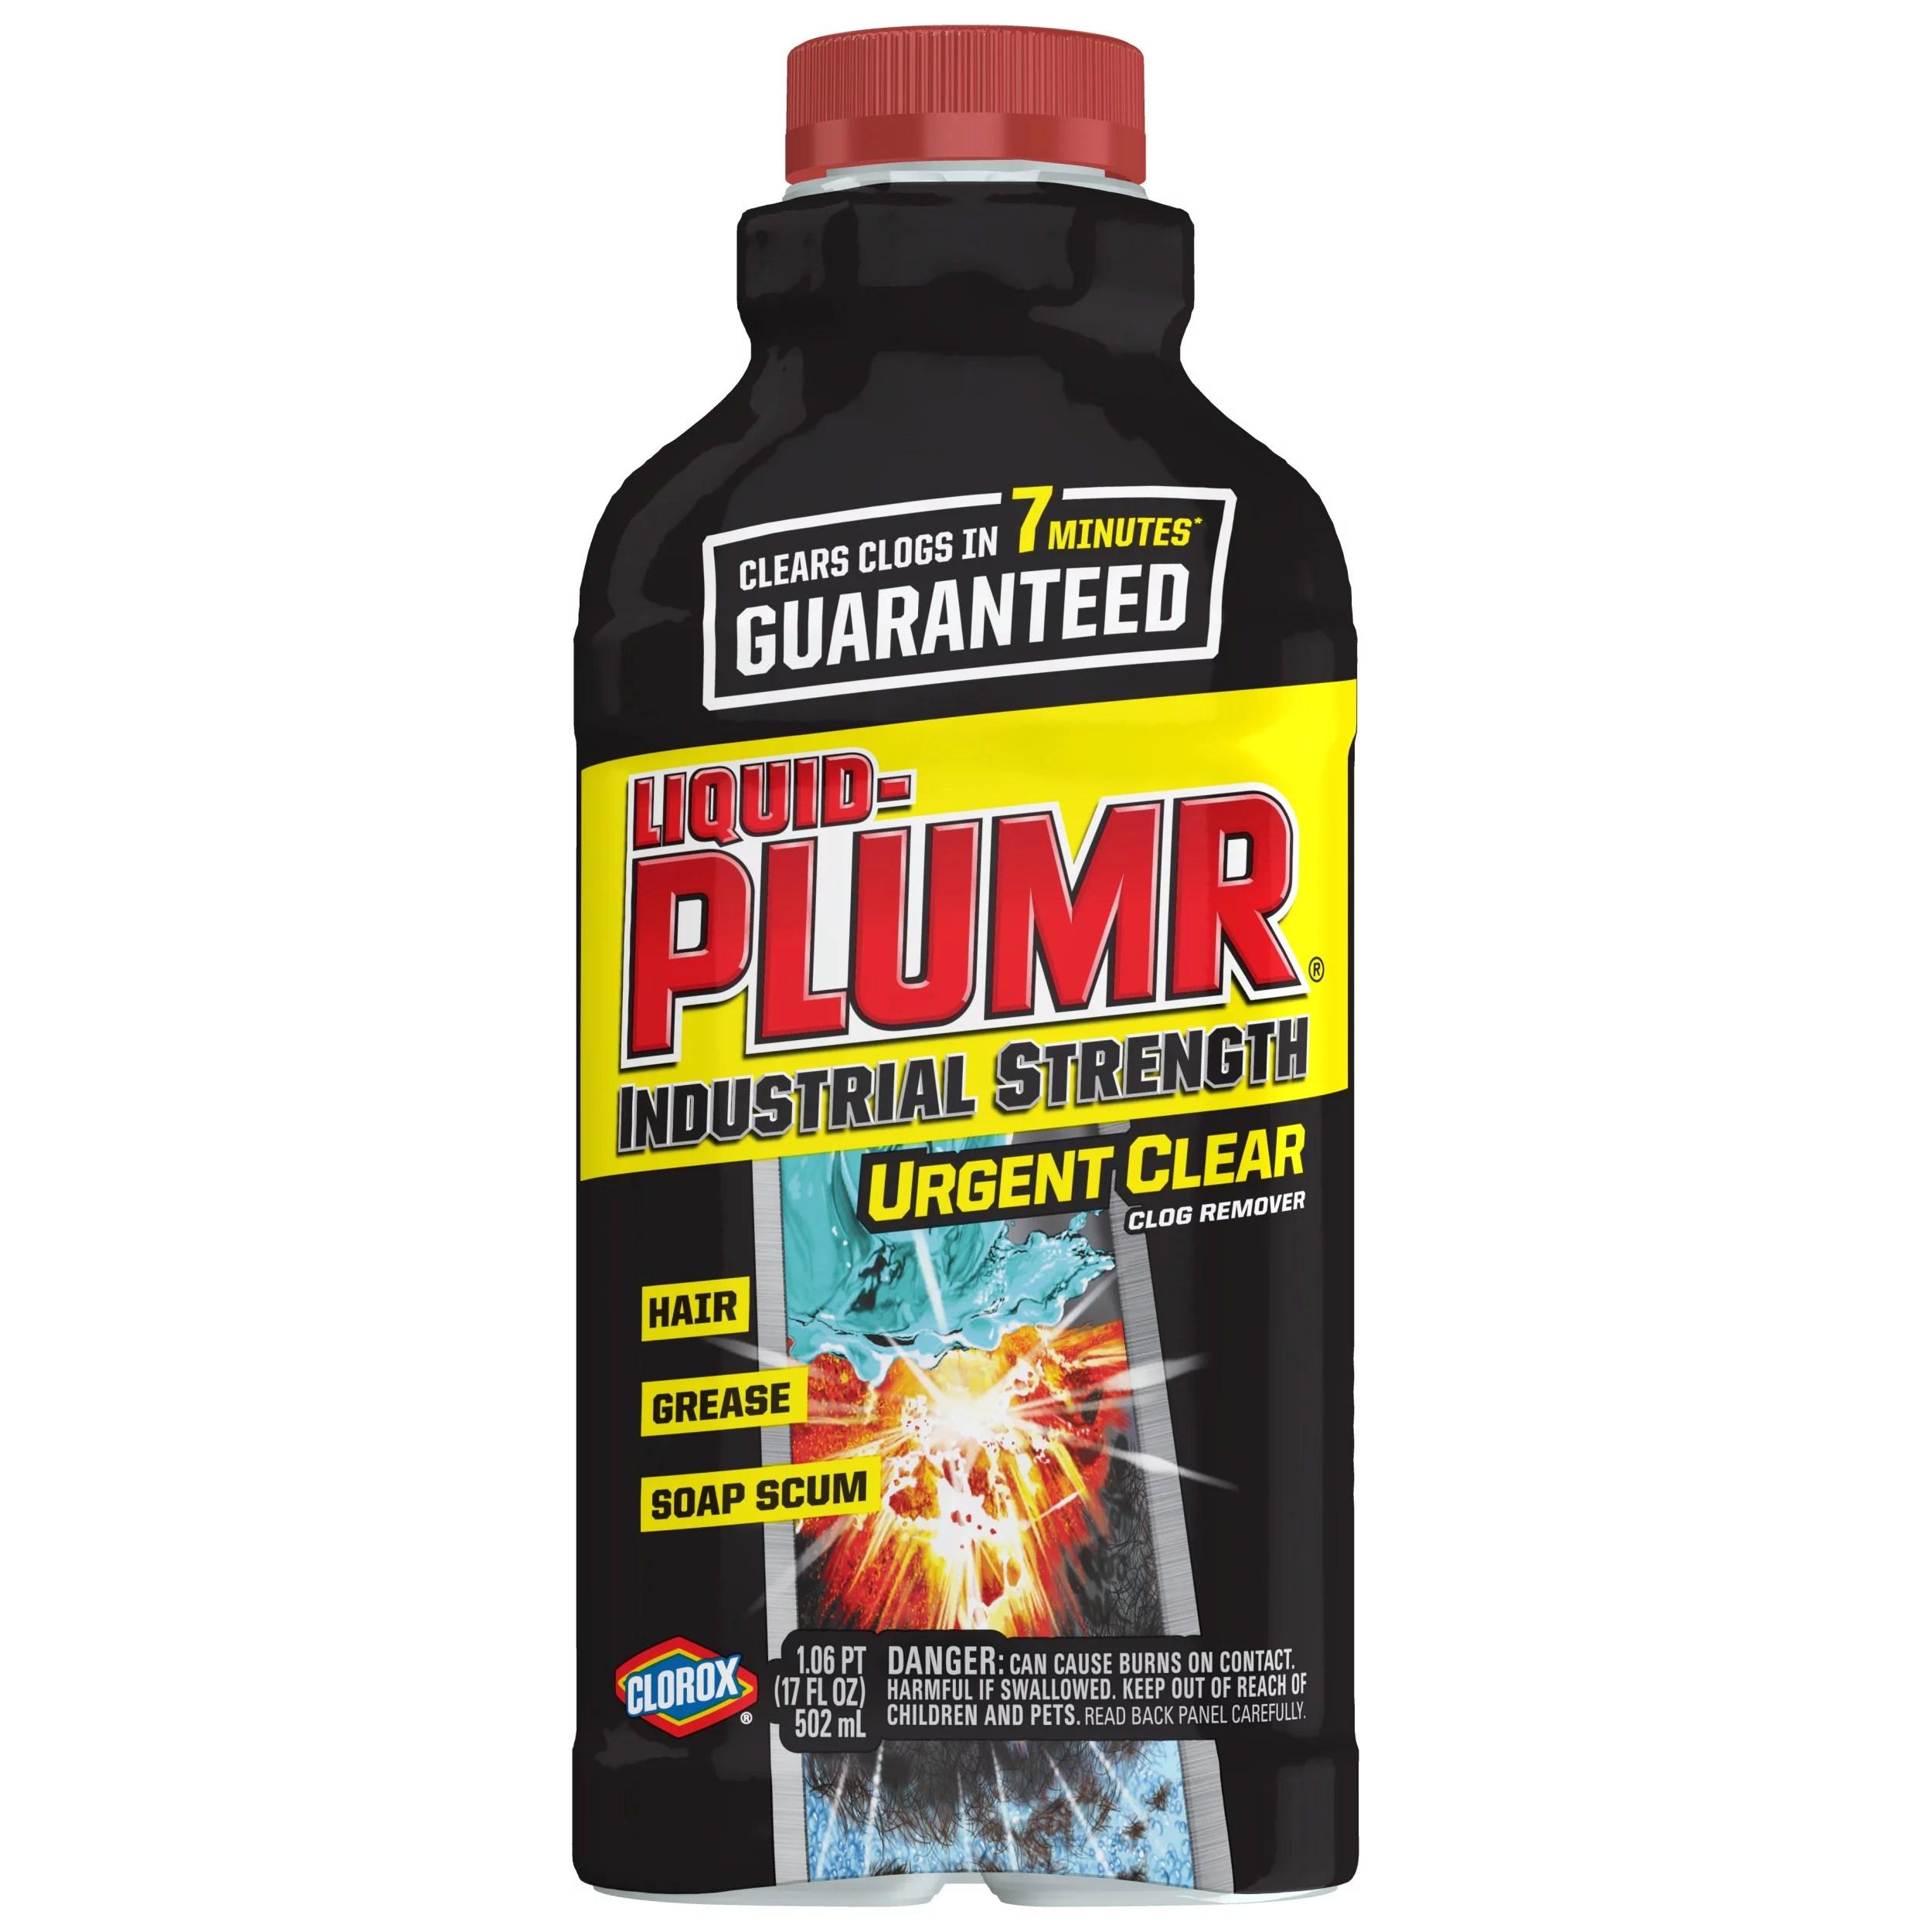 liquid plumr industrial strength urgent clear drain clog remover 17 oz walmart com